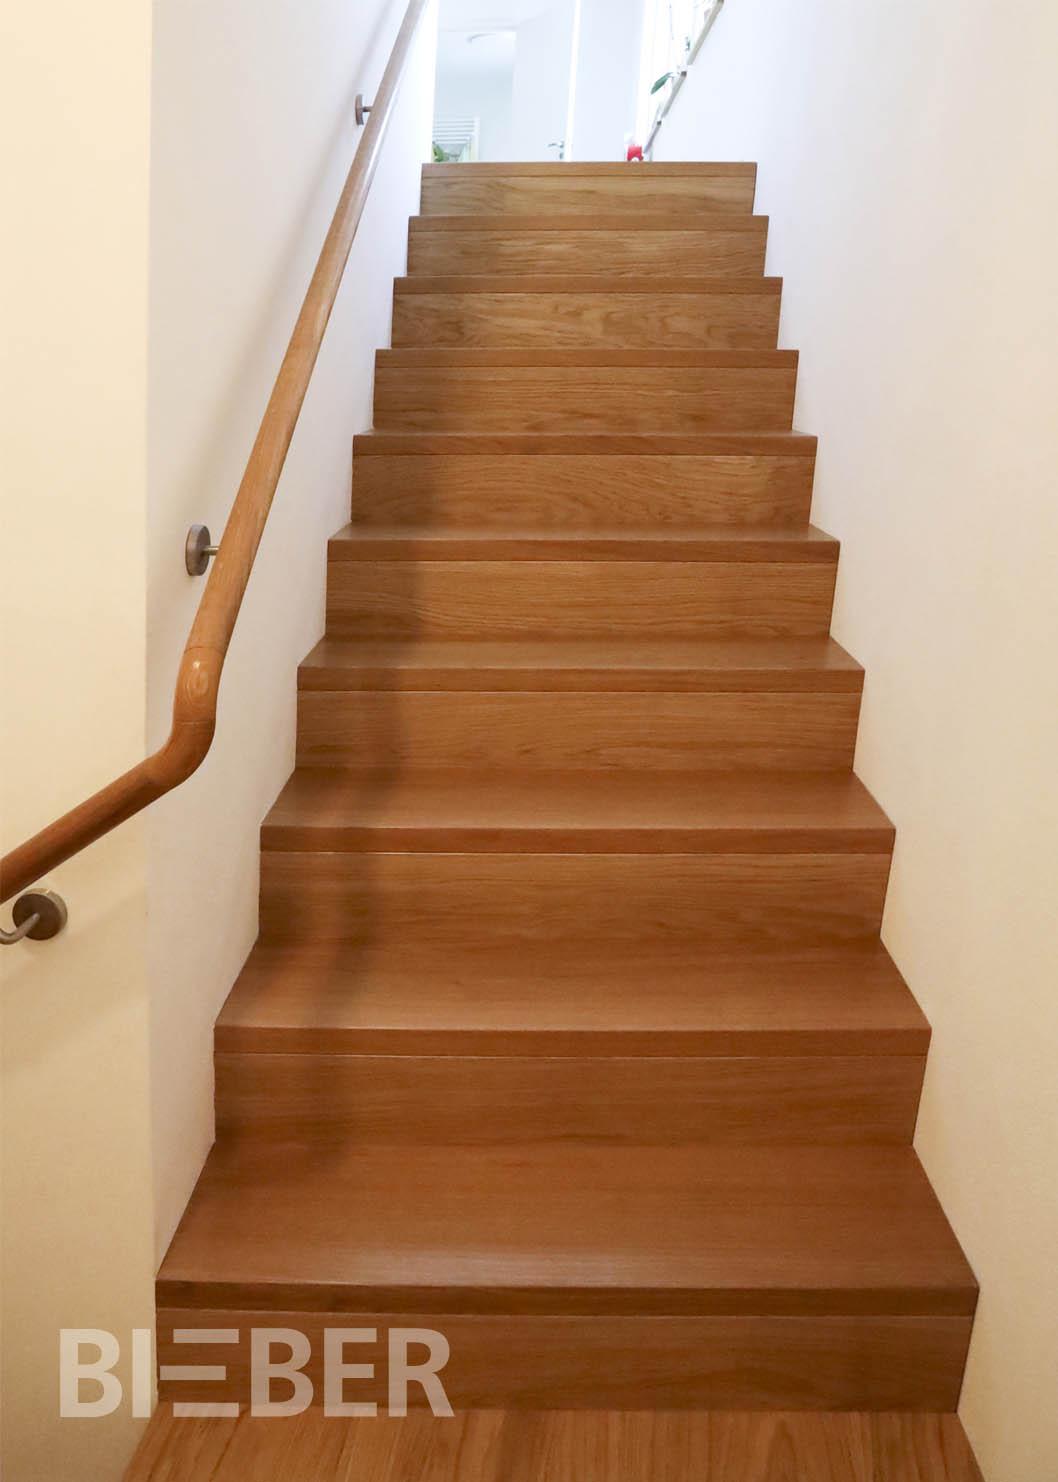 Aufgesattelte Treppe mit Setzstufen Eiche in Faltwerkoptik, zweiläufig gerade